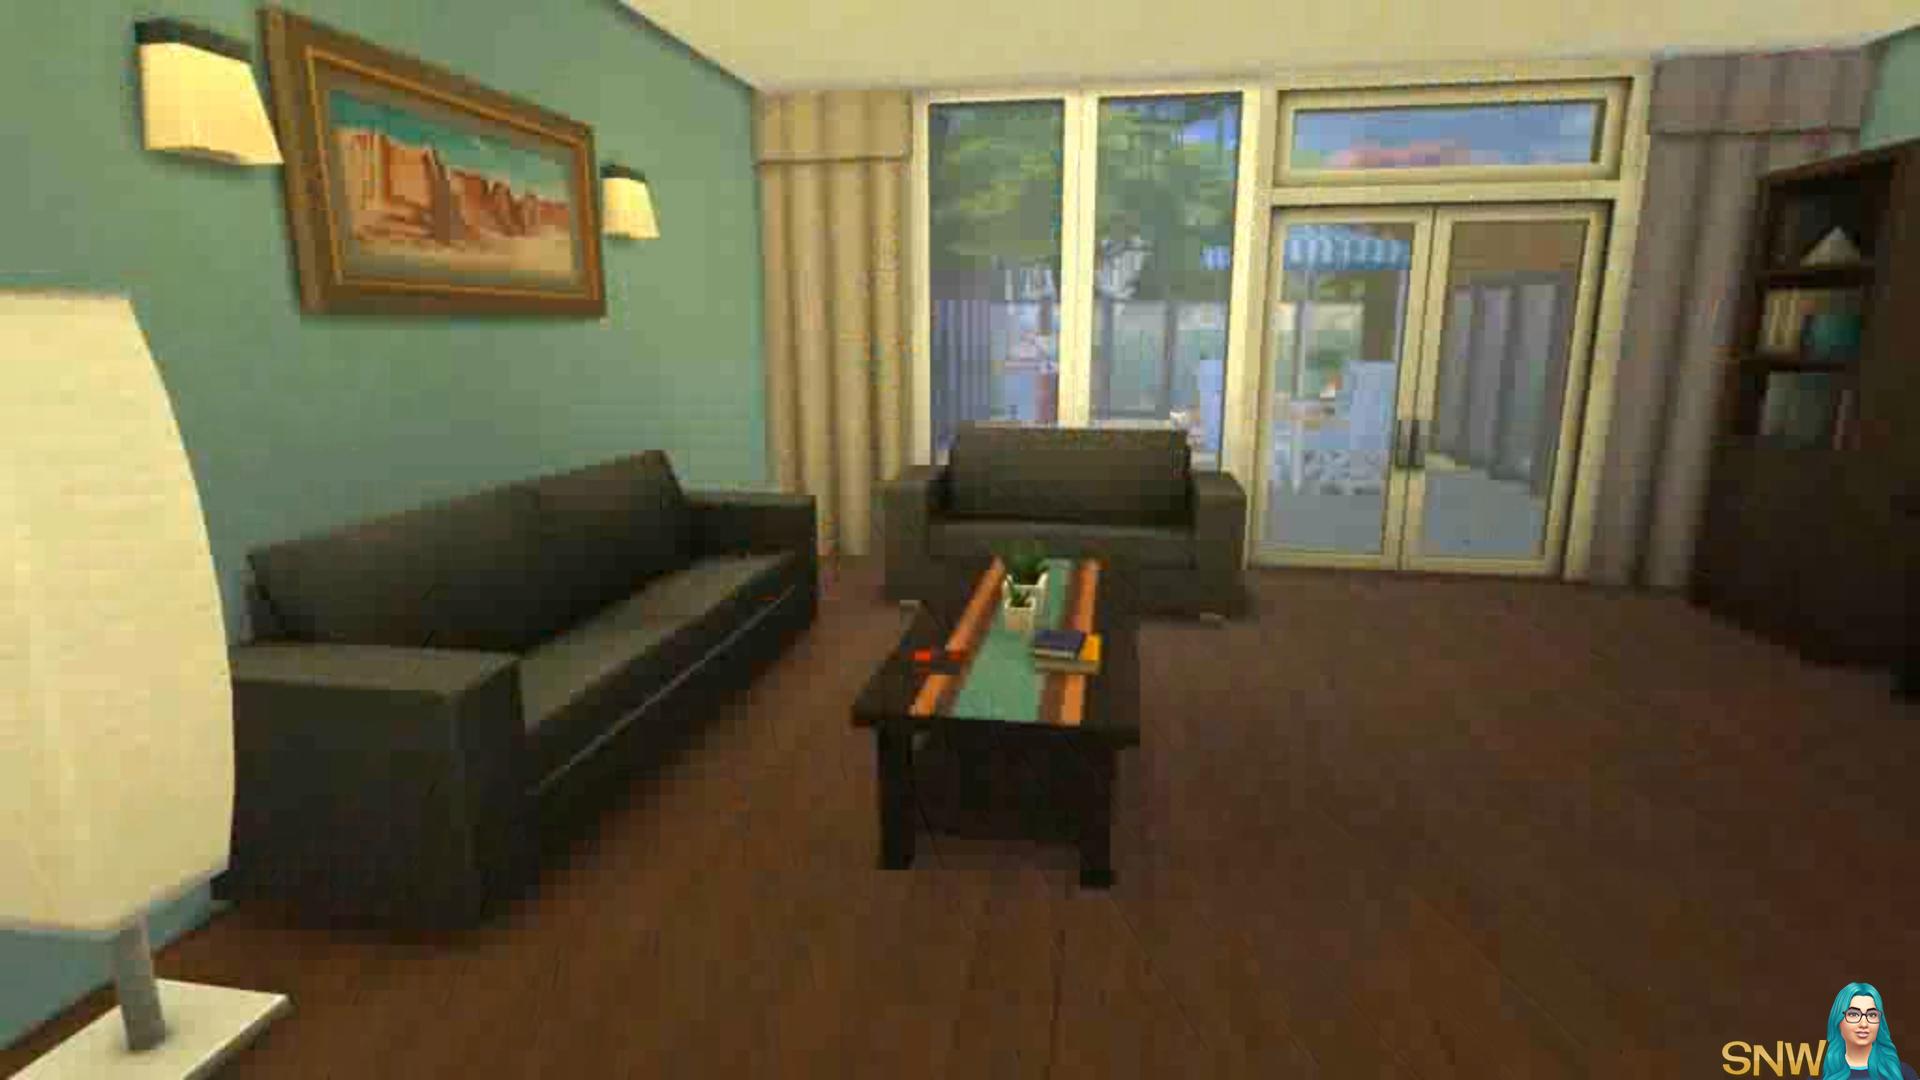 Mijn Real Life Huis In De Sims 4 Snw